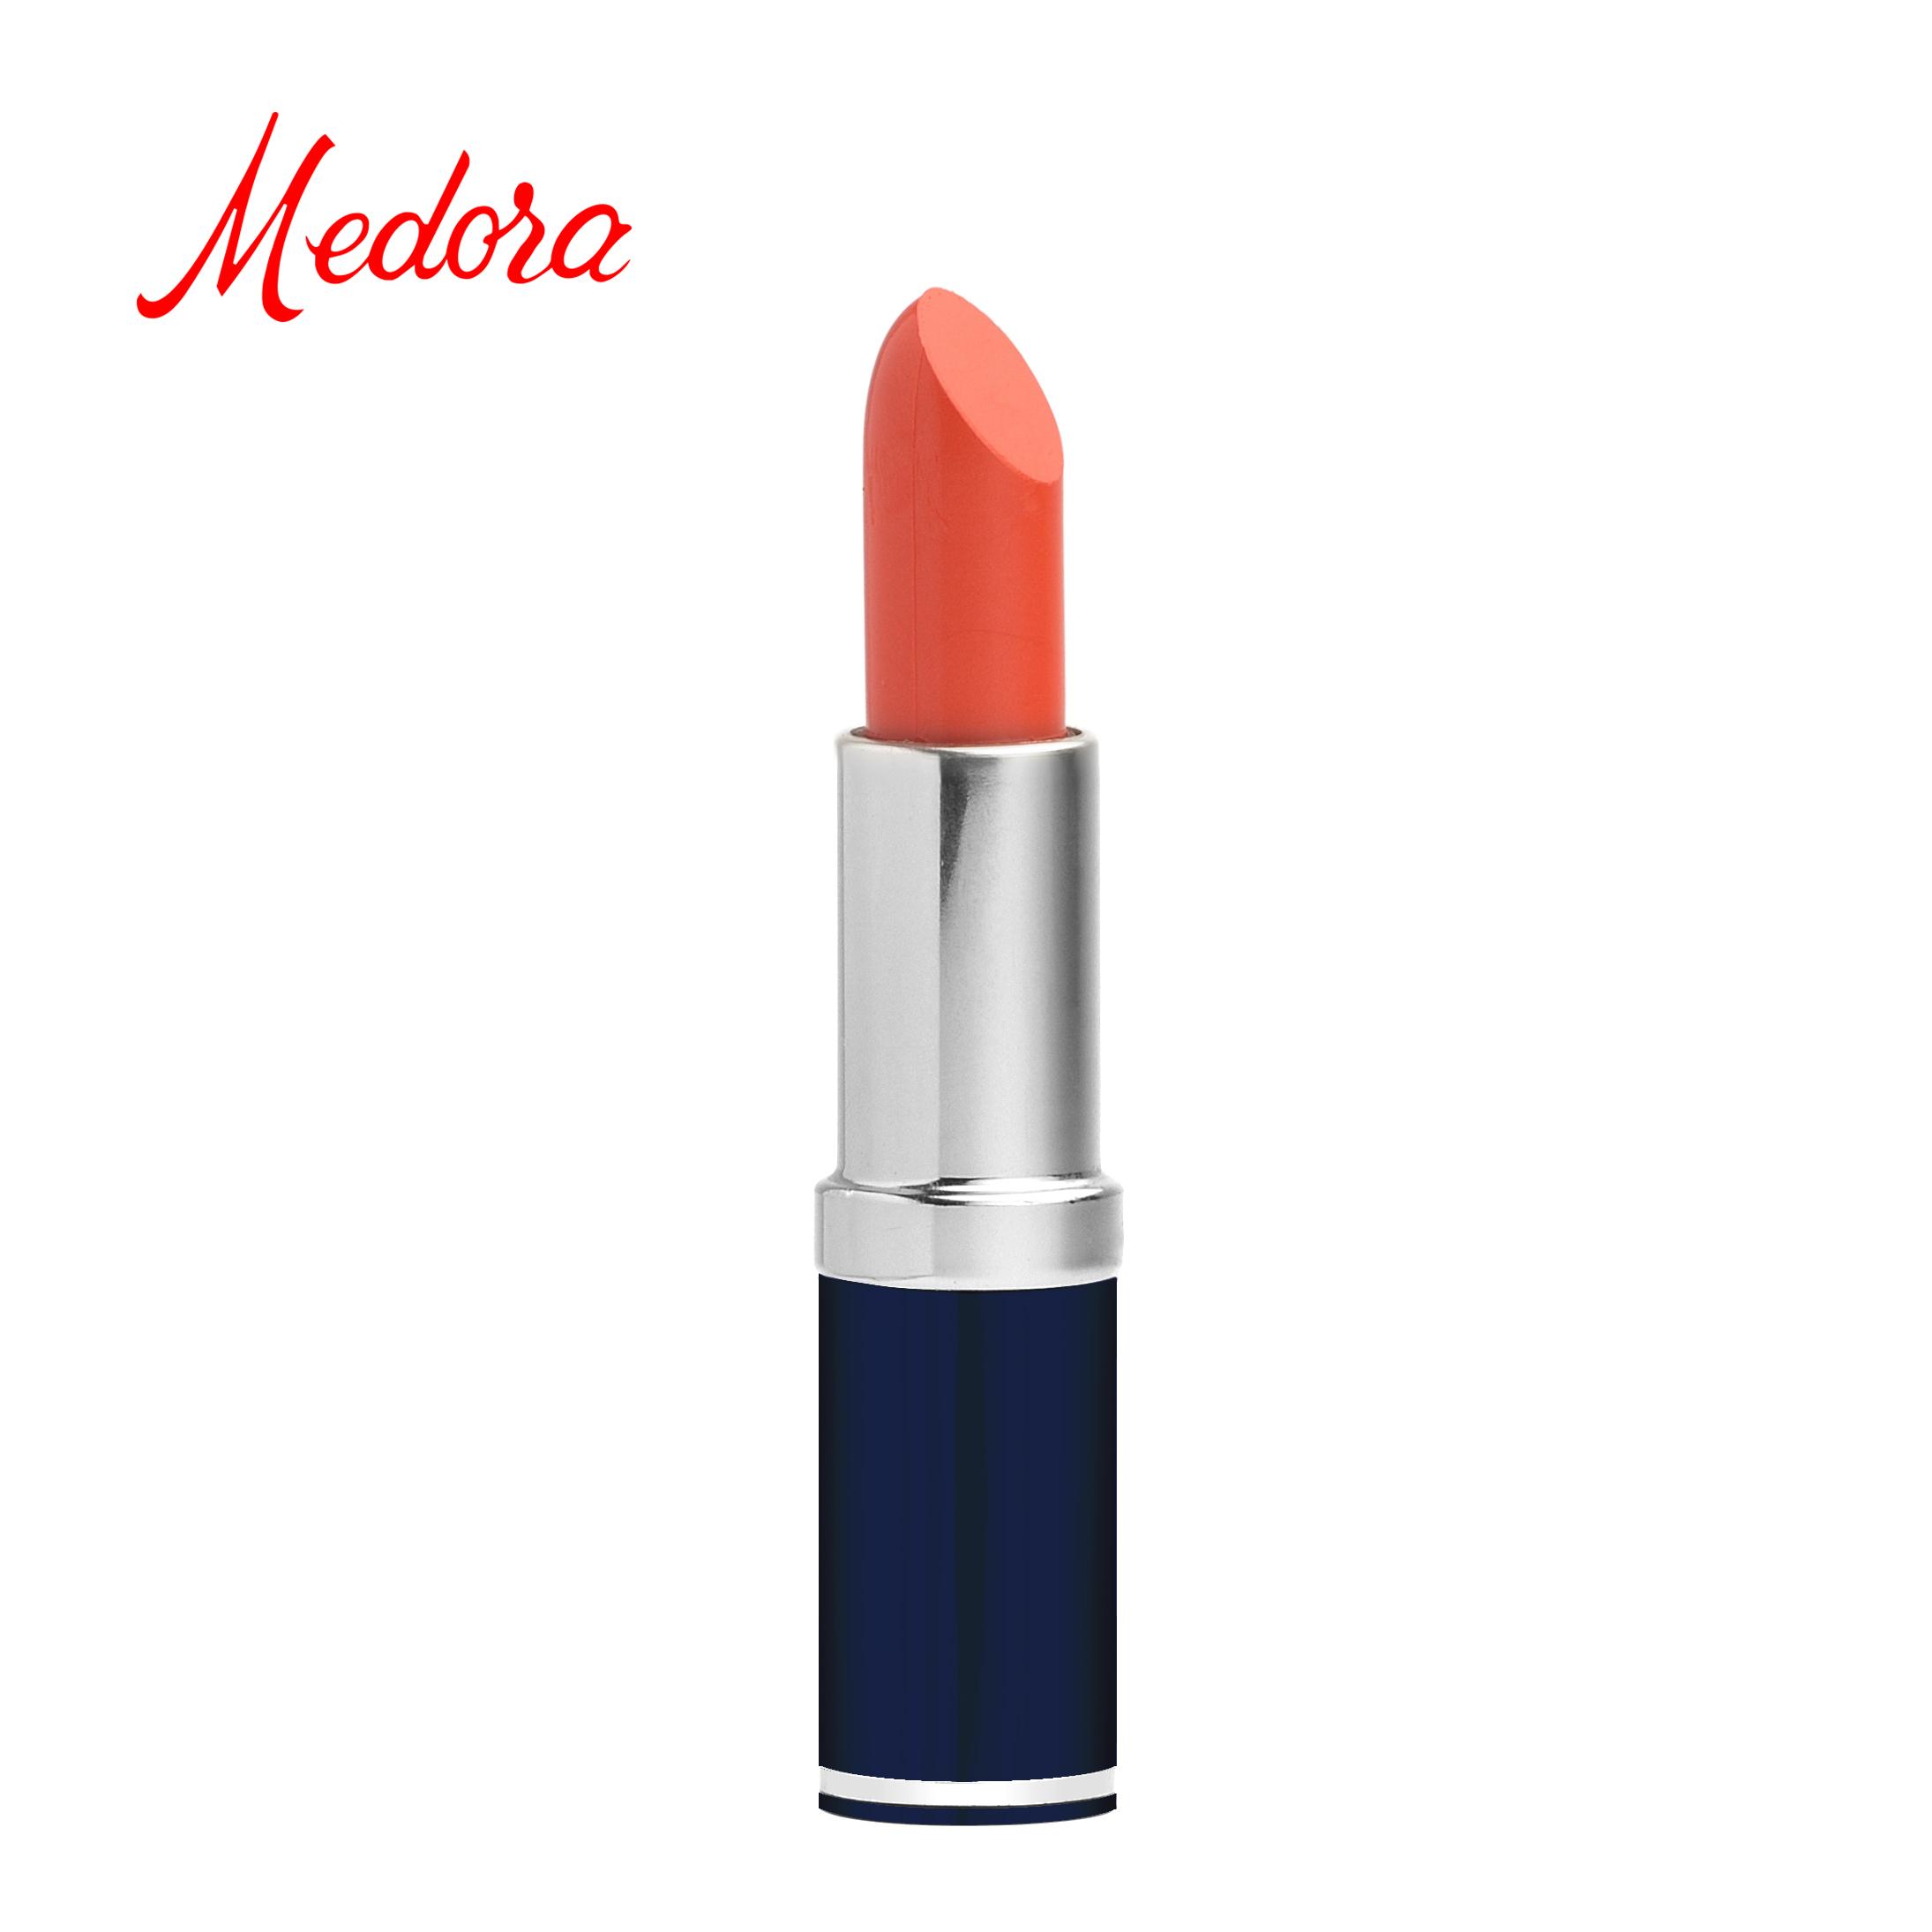 MEDORA Lipstick Semi Matte